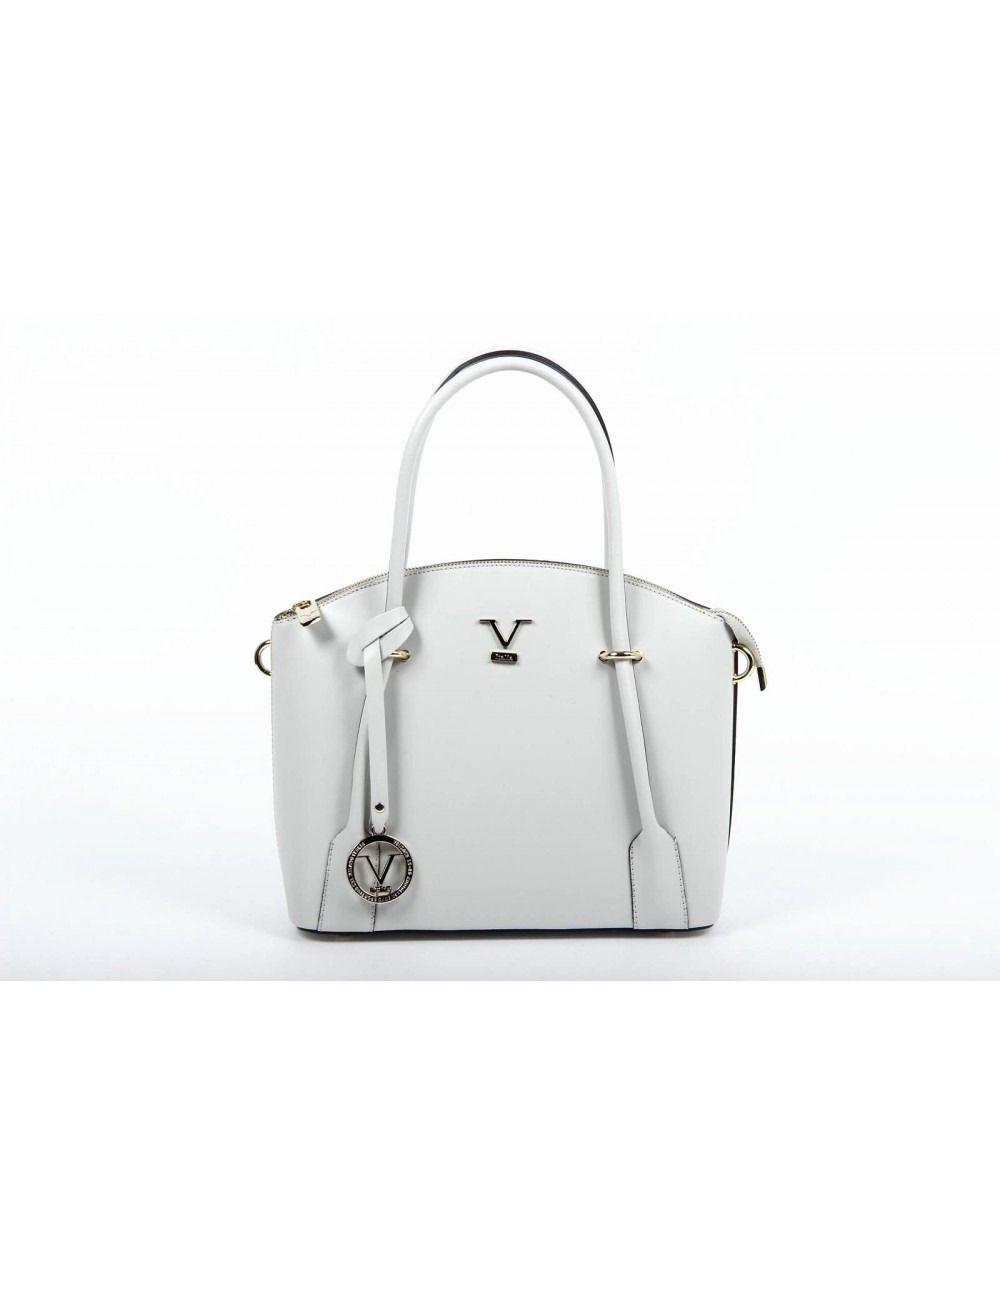 48a5994898 New Versace 19.69 Abbigliamento Sportivo Srl Ladies Handbag V003 RUGA CREAM